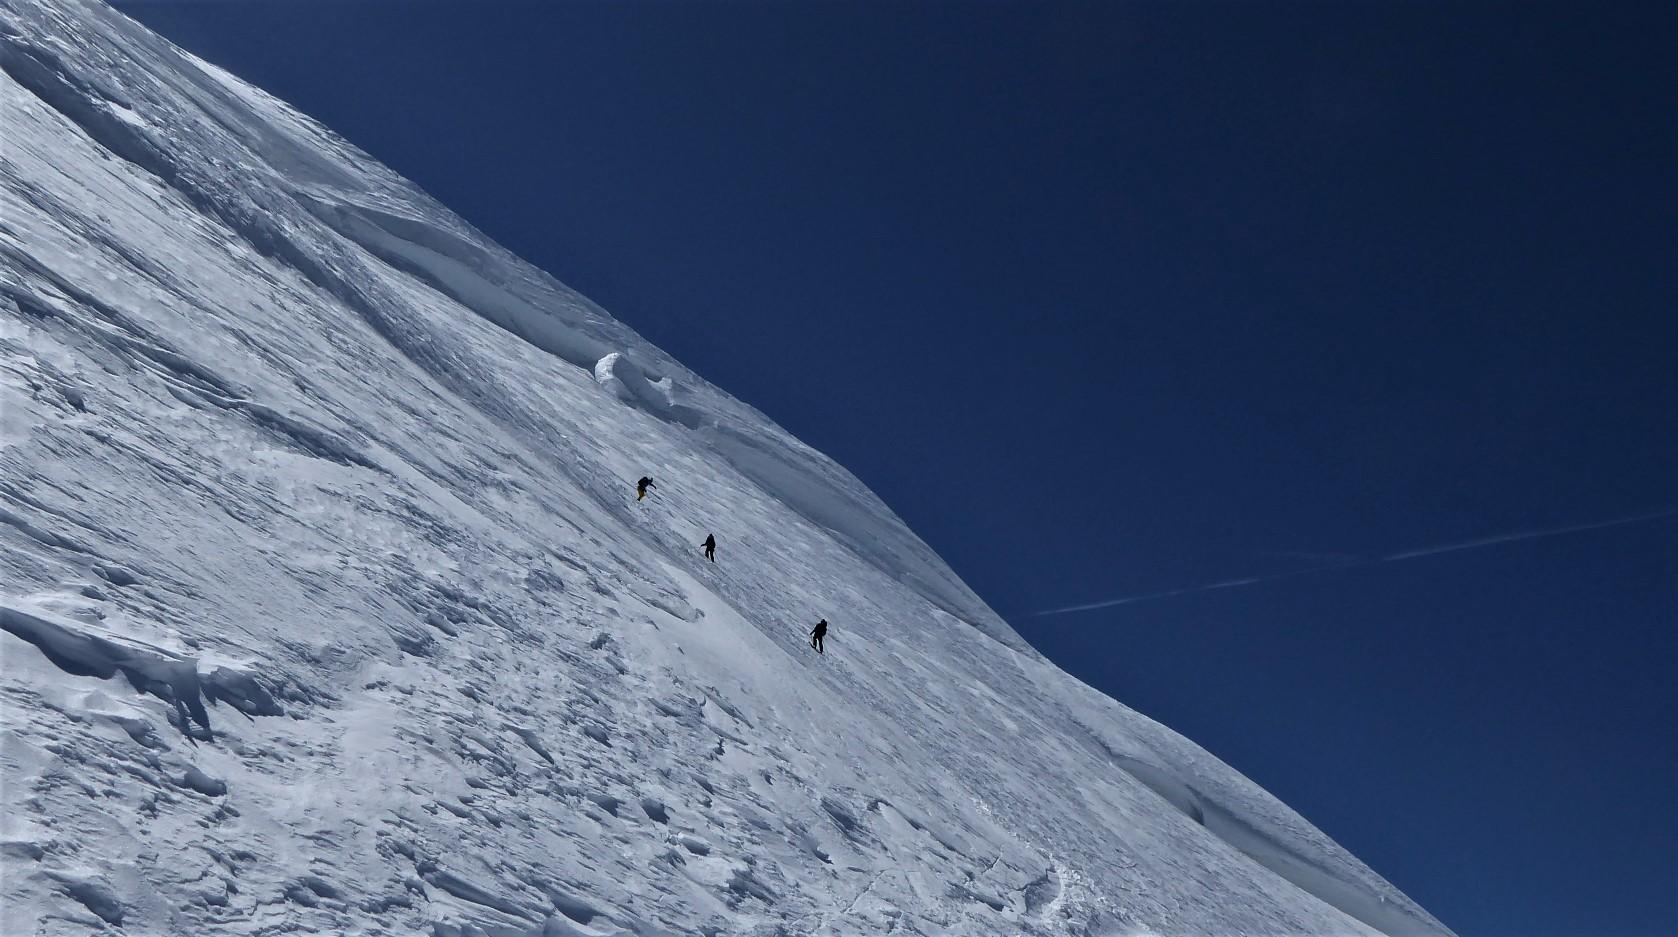 Smučanje v severnih vesinah vršne kupole Mont Blanca.